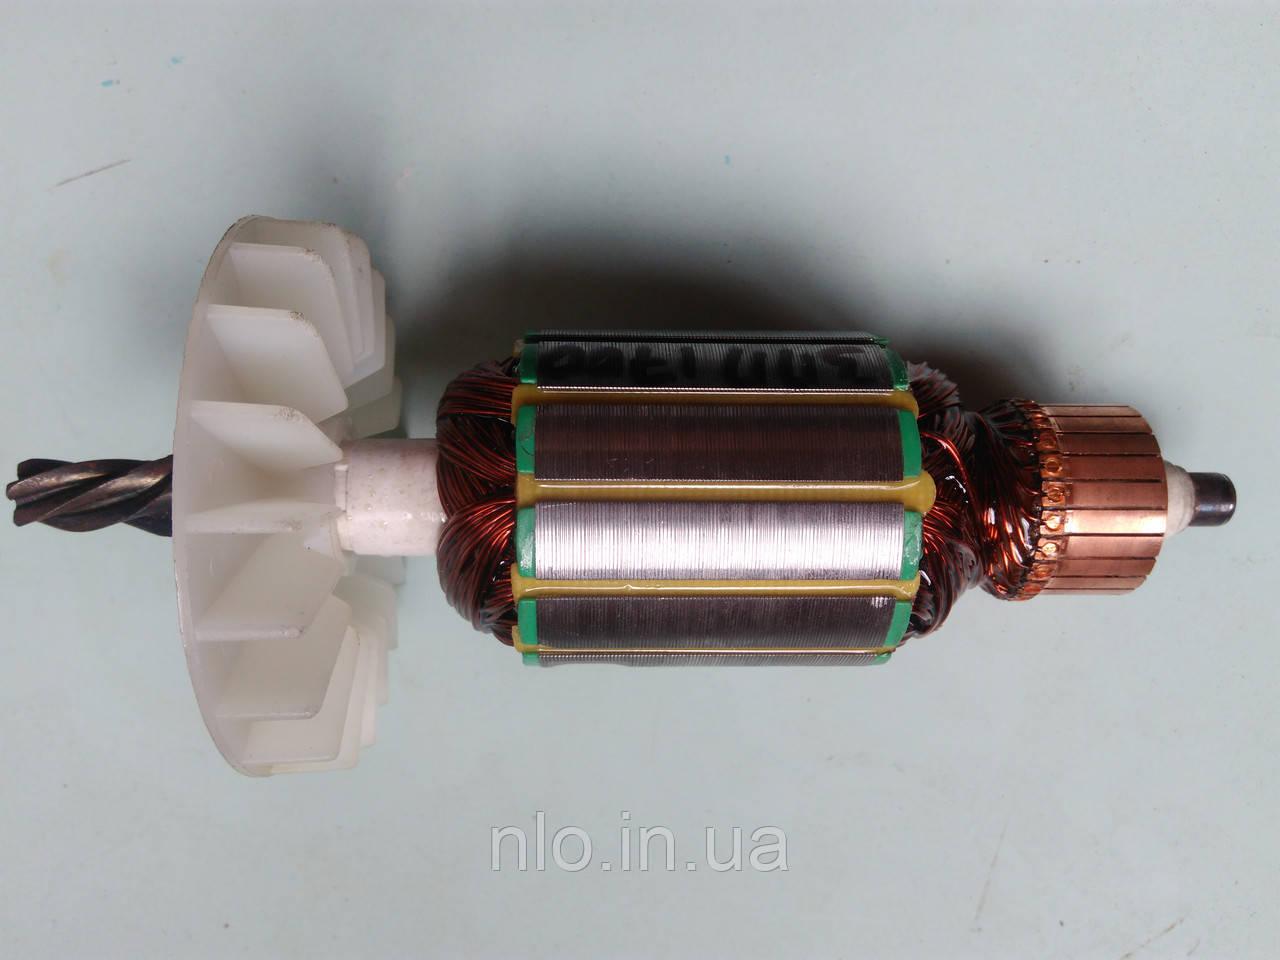 Якір перфоратора бочкового типу ЗПП 1700 профі (171х48 5 з ліво)